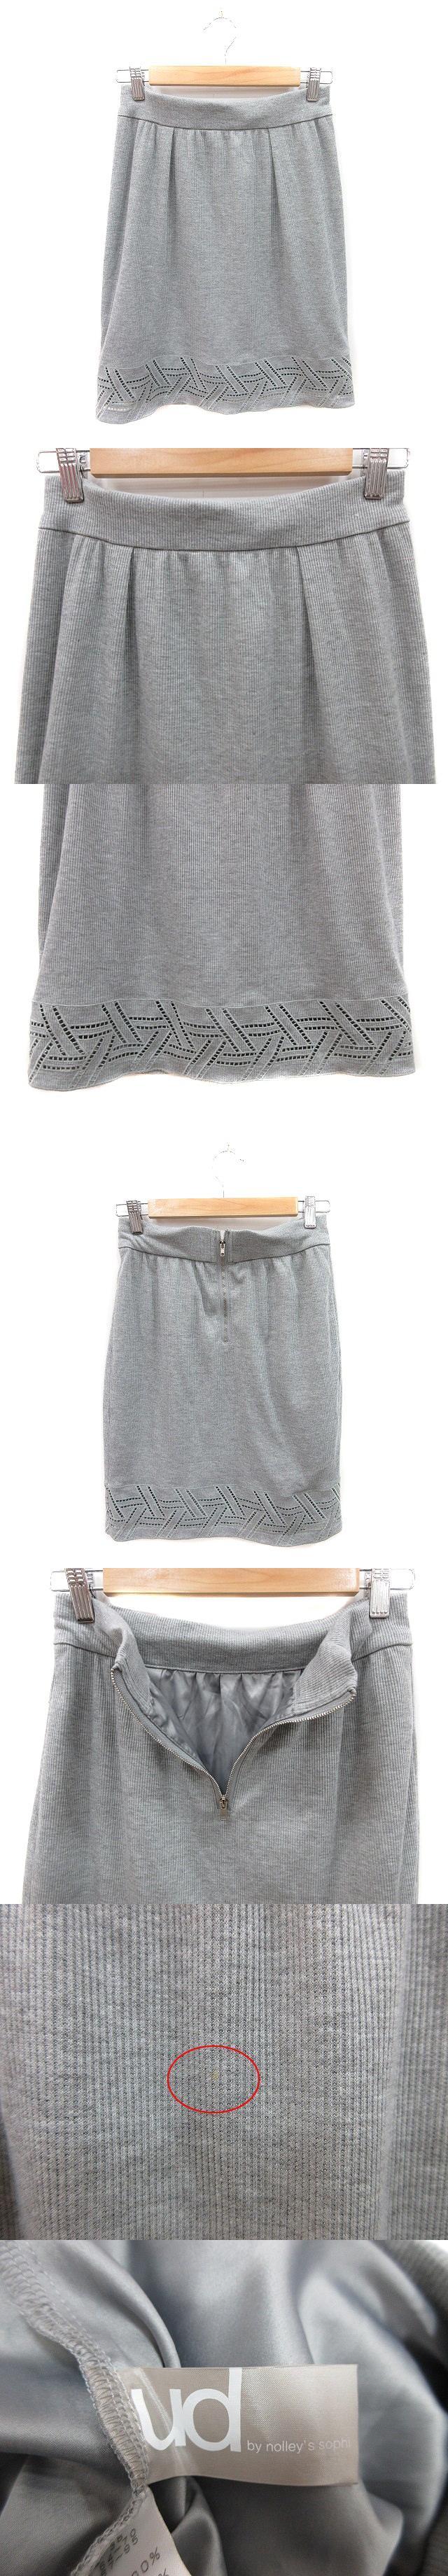 ユーディー バイ ノーリーズ ソフィー ud by nolley's sophi スカート 台形 ひざ丈 38 グレー /ST